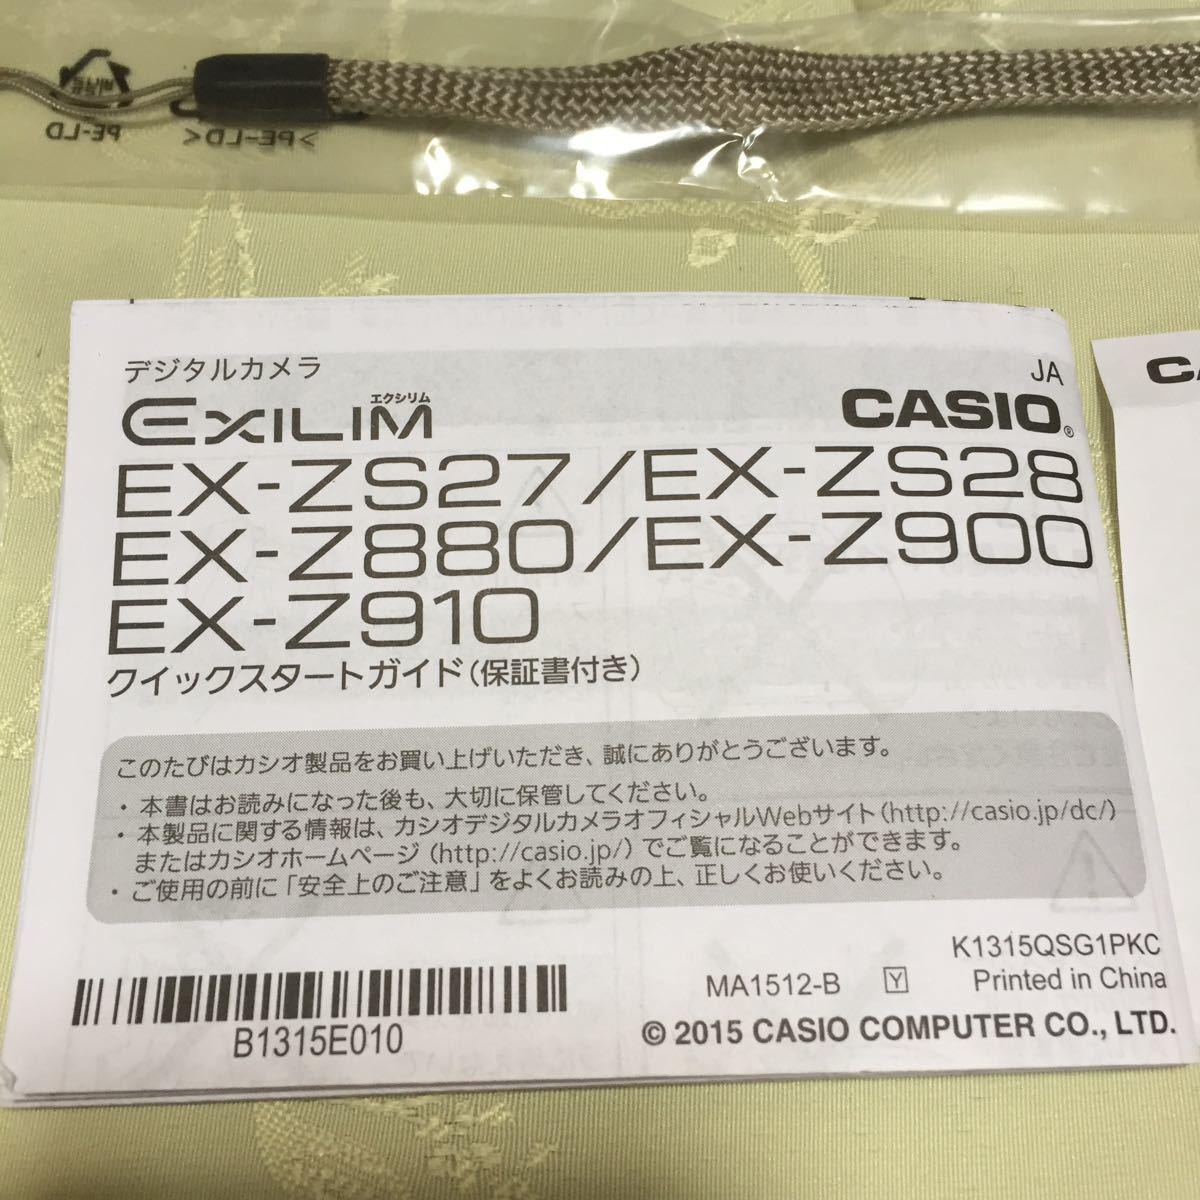 新品 CASIO EX-Z900 EXILIM カシオ デジタルカメラ コンパクト_画像7